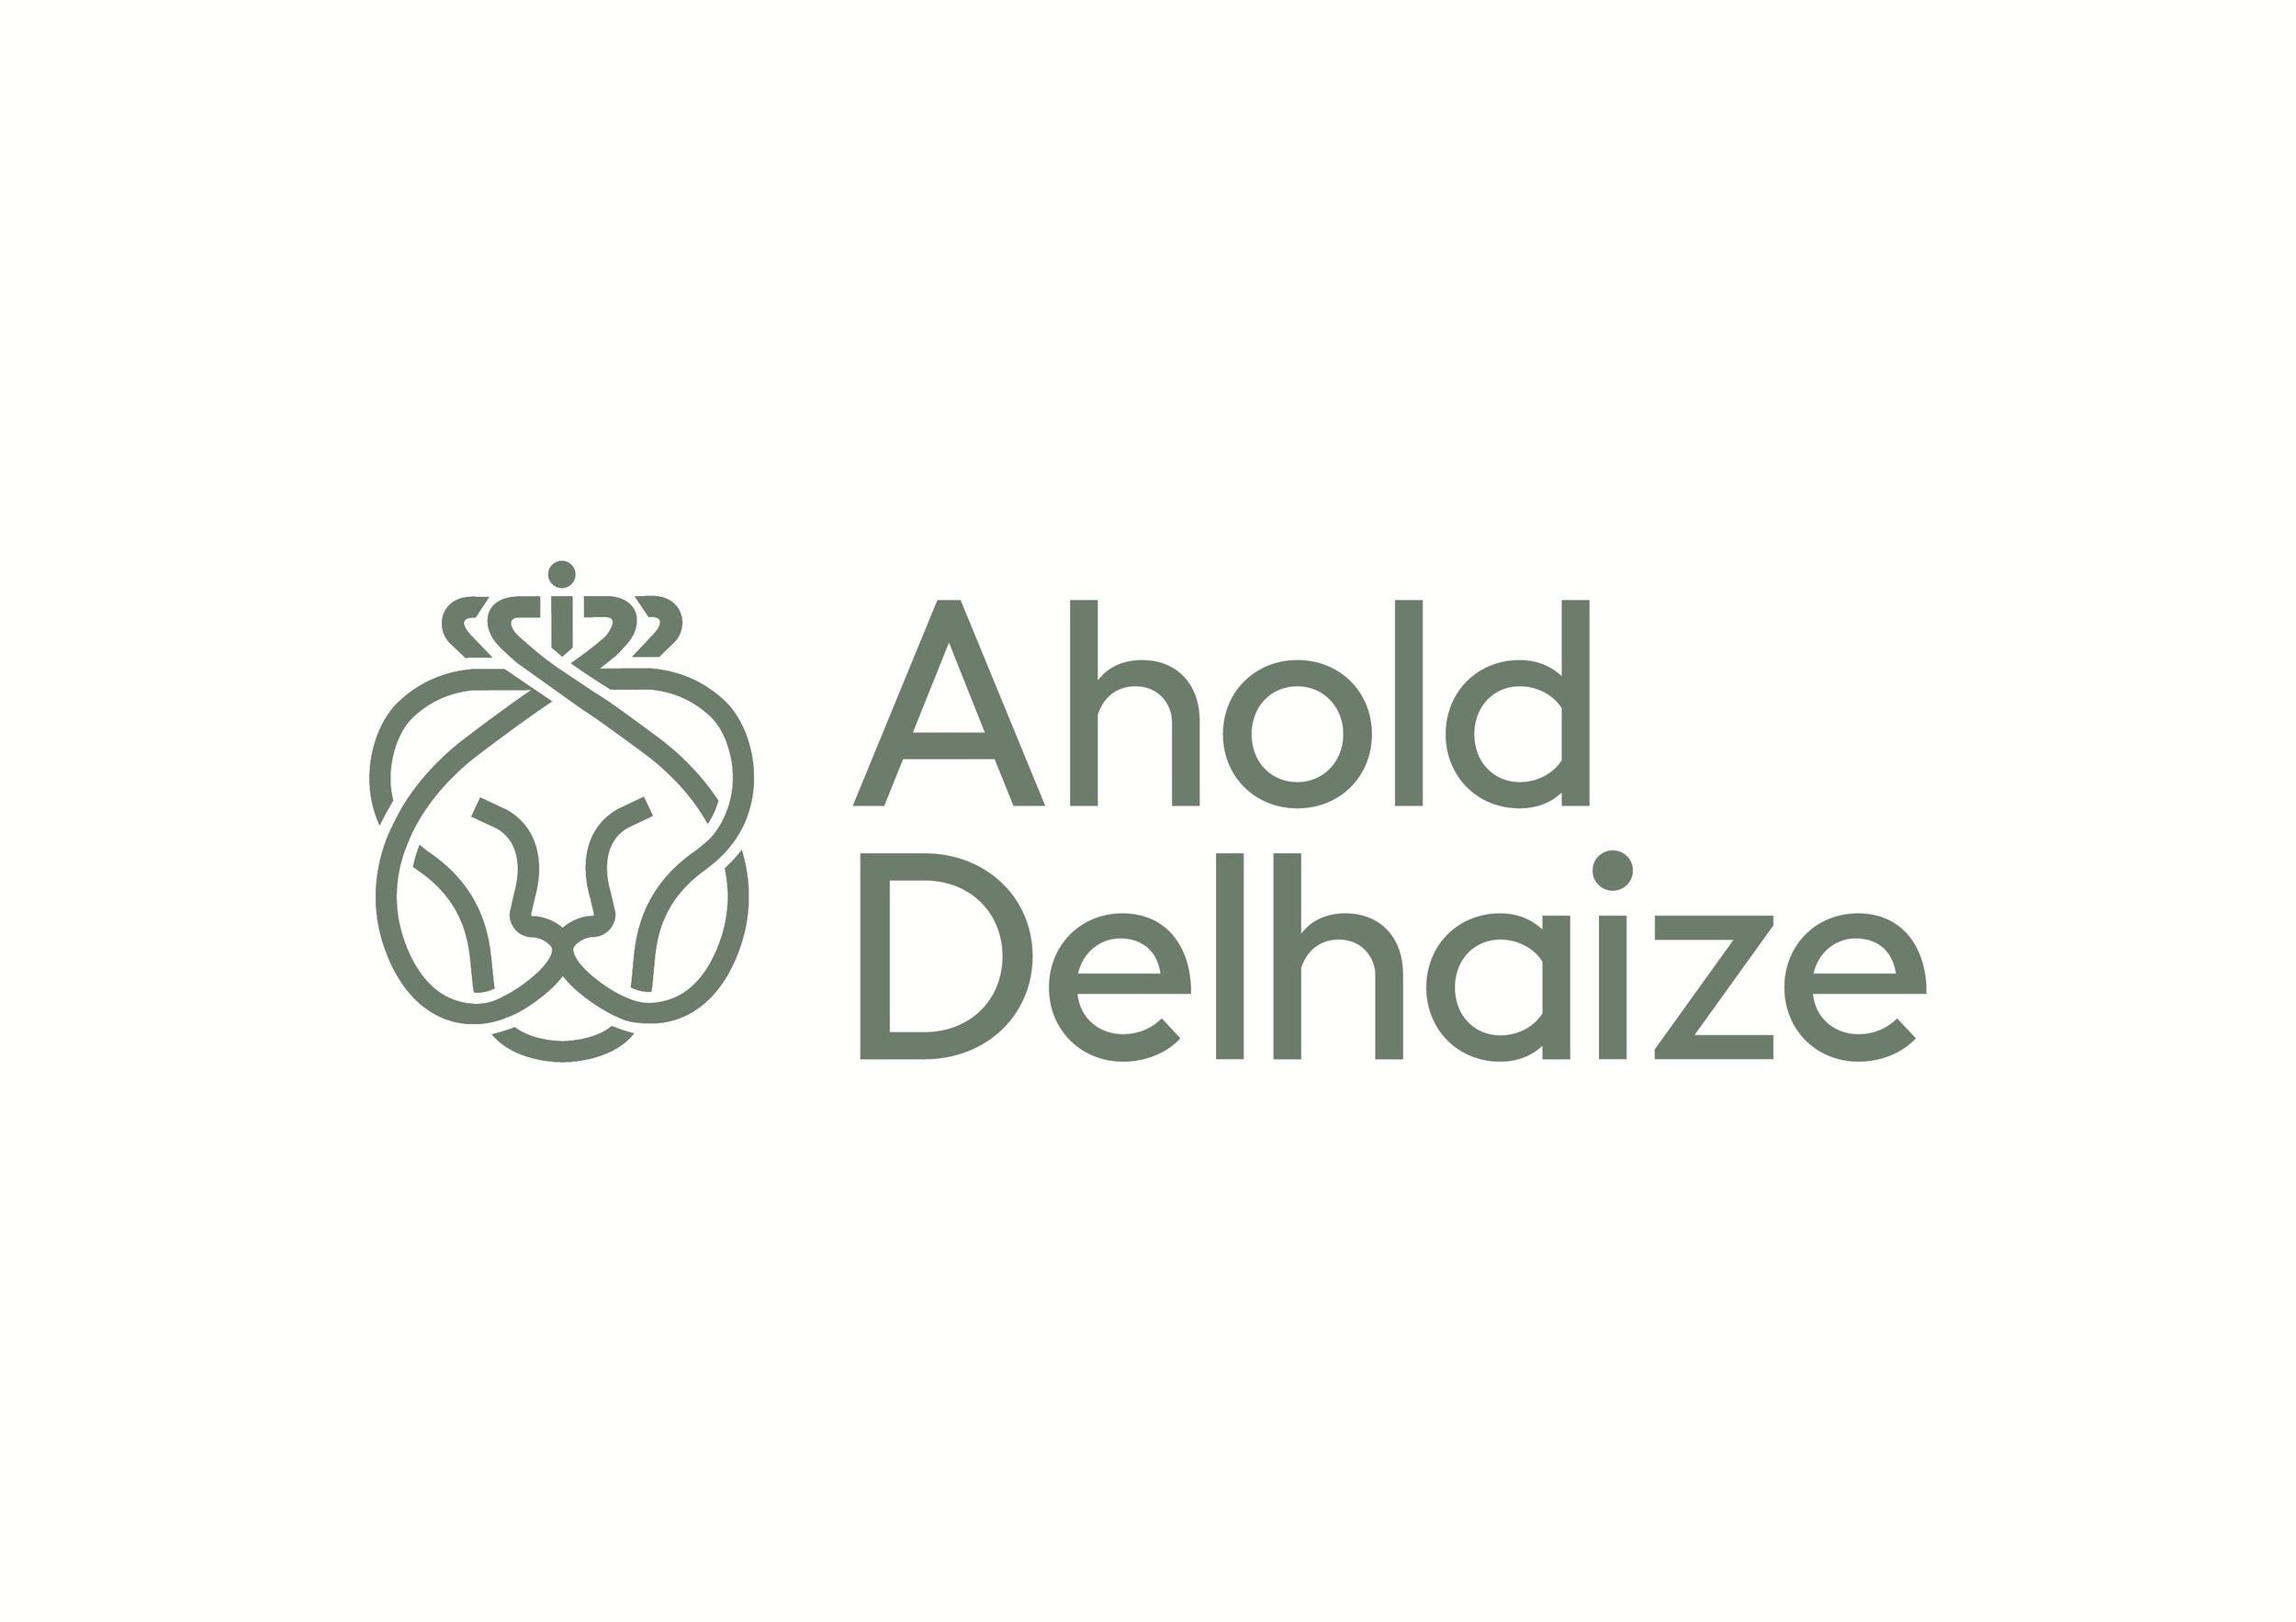 ahold-delhaize-logo.jpg